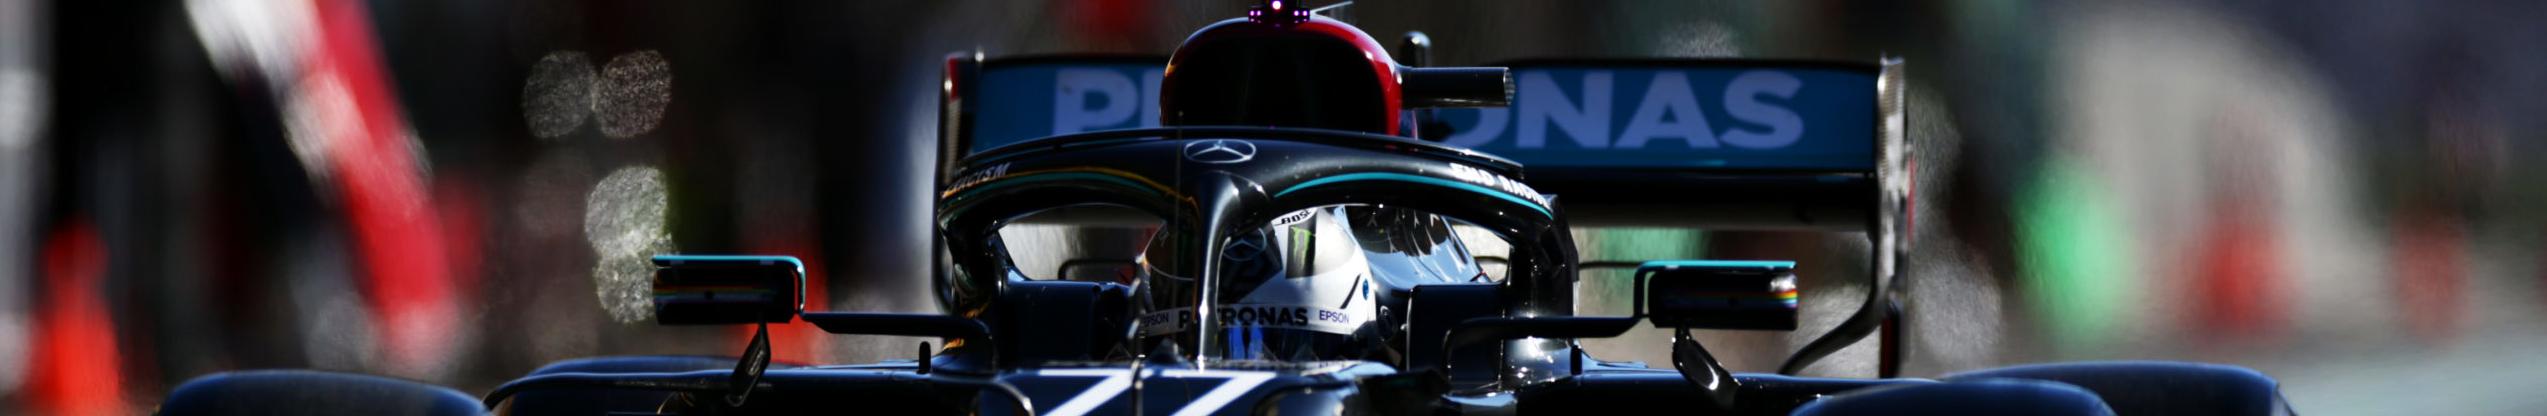 Γκραν Πρι Τουρκίας: Με φόρα η πρωταθλήτρια Mercedes!